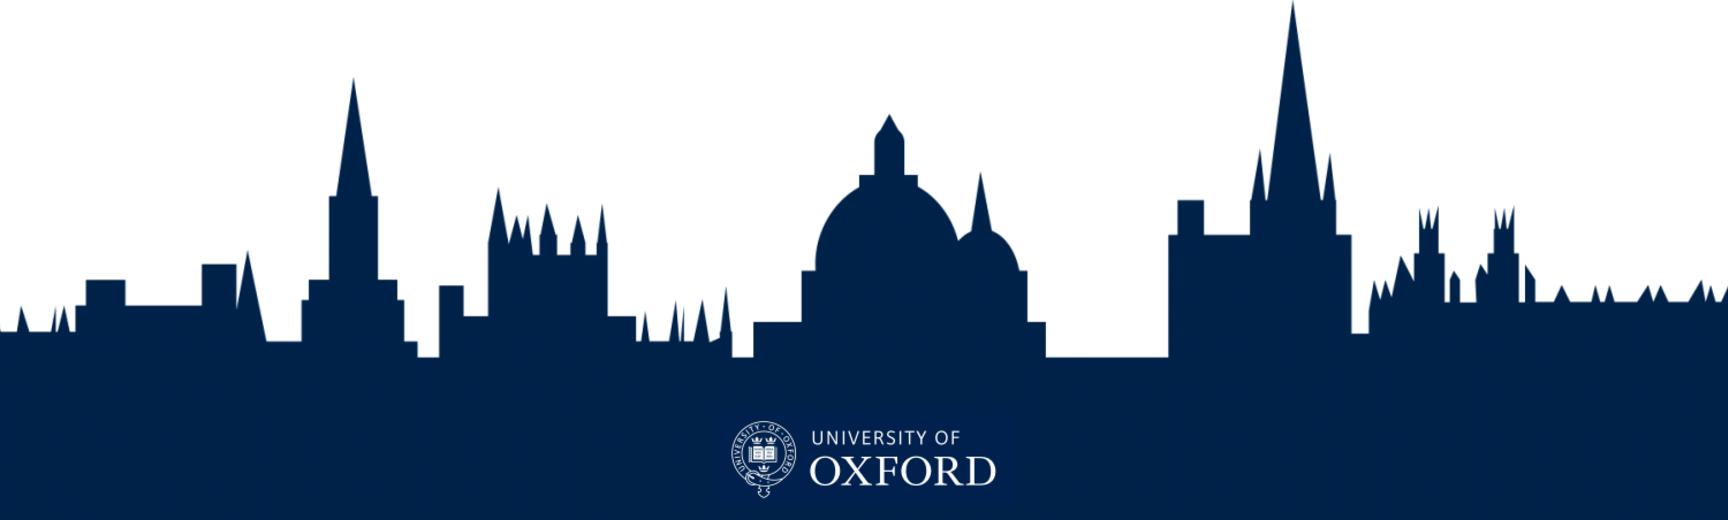 Oxford skyline banner